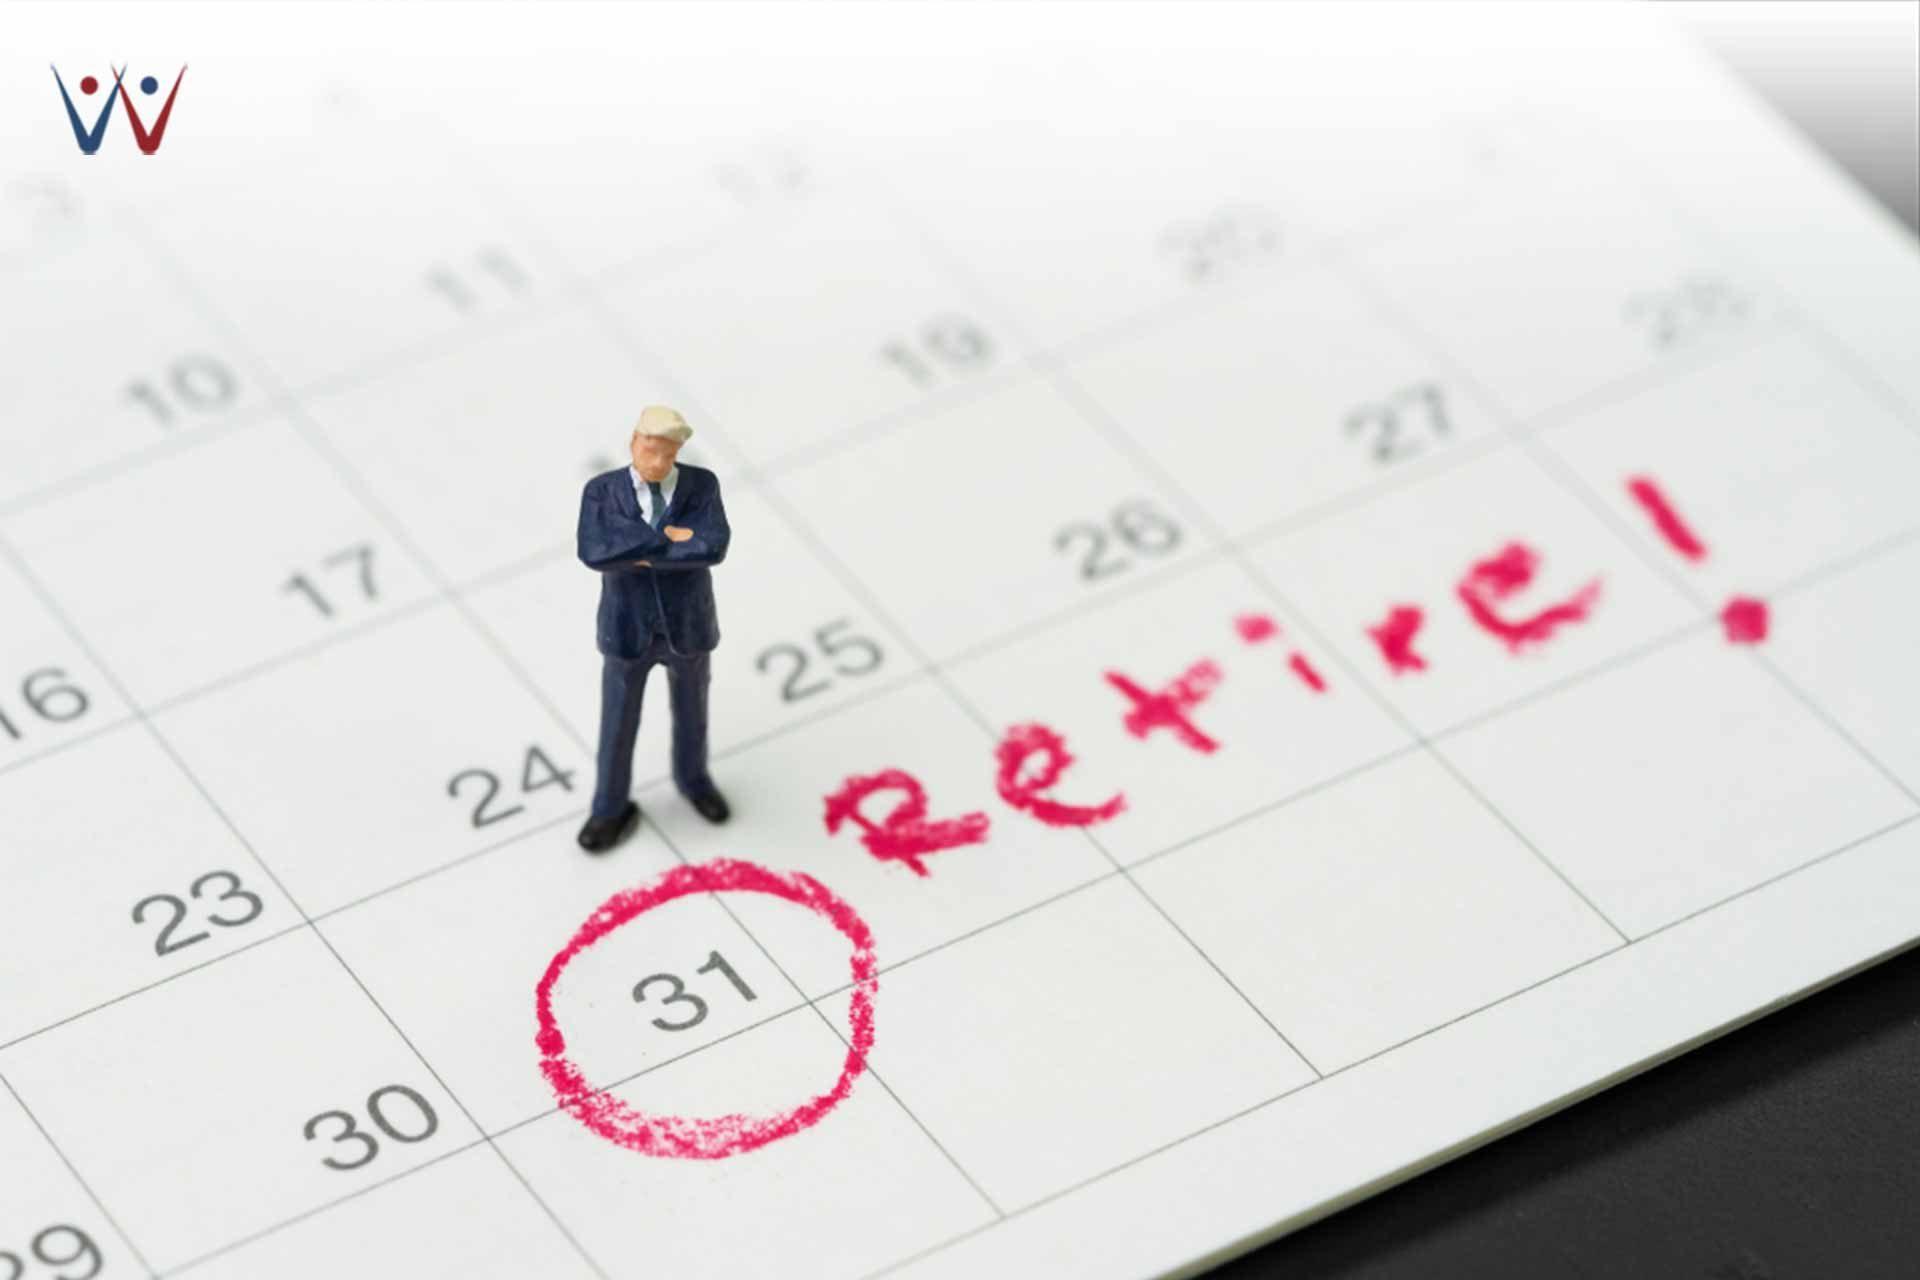 Ikuti Program Pensiun Pegawai-Membuat Rencana Anggaran Setiap Bulan - resolusi tahun baru-Bantu Pasangan Kamu untuk Mempersiapkan Dana Pensiun Yuk!